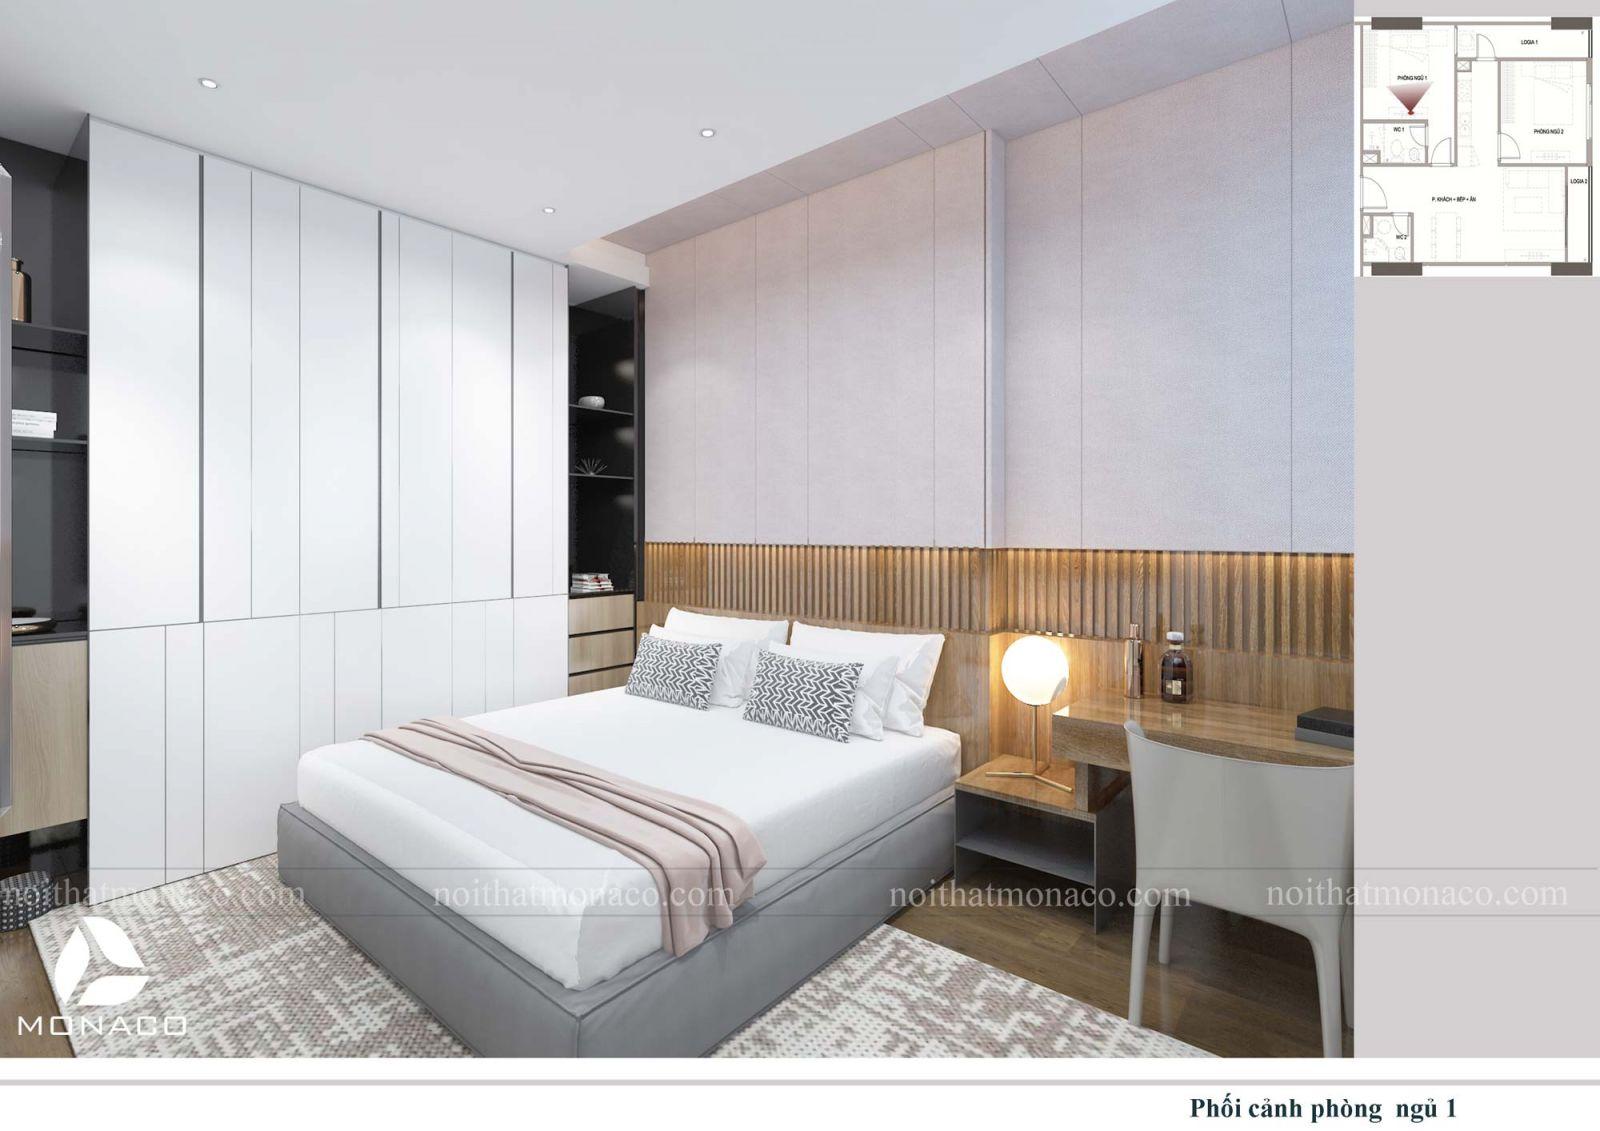 Thiết kế nội thất phòng ngủ lớn chung cư rose tower